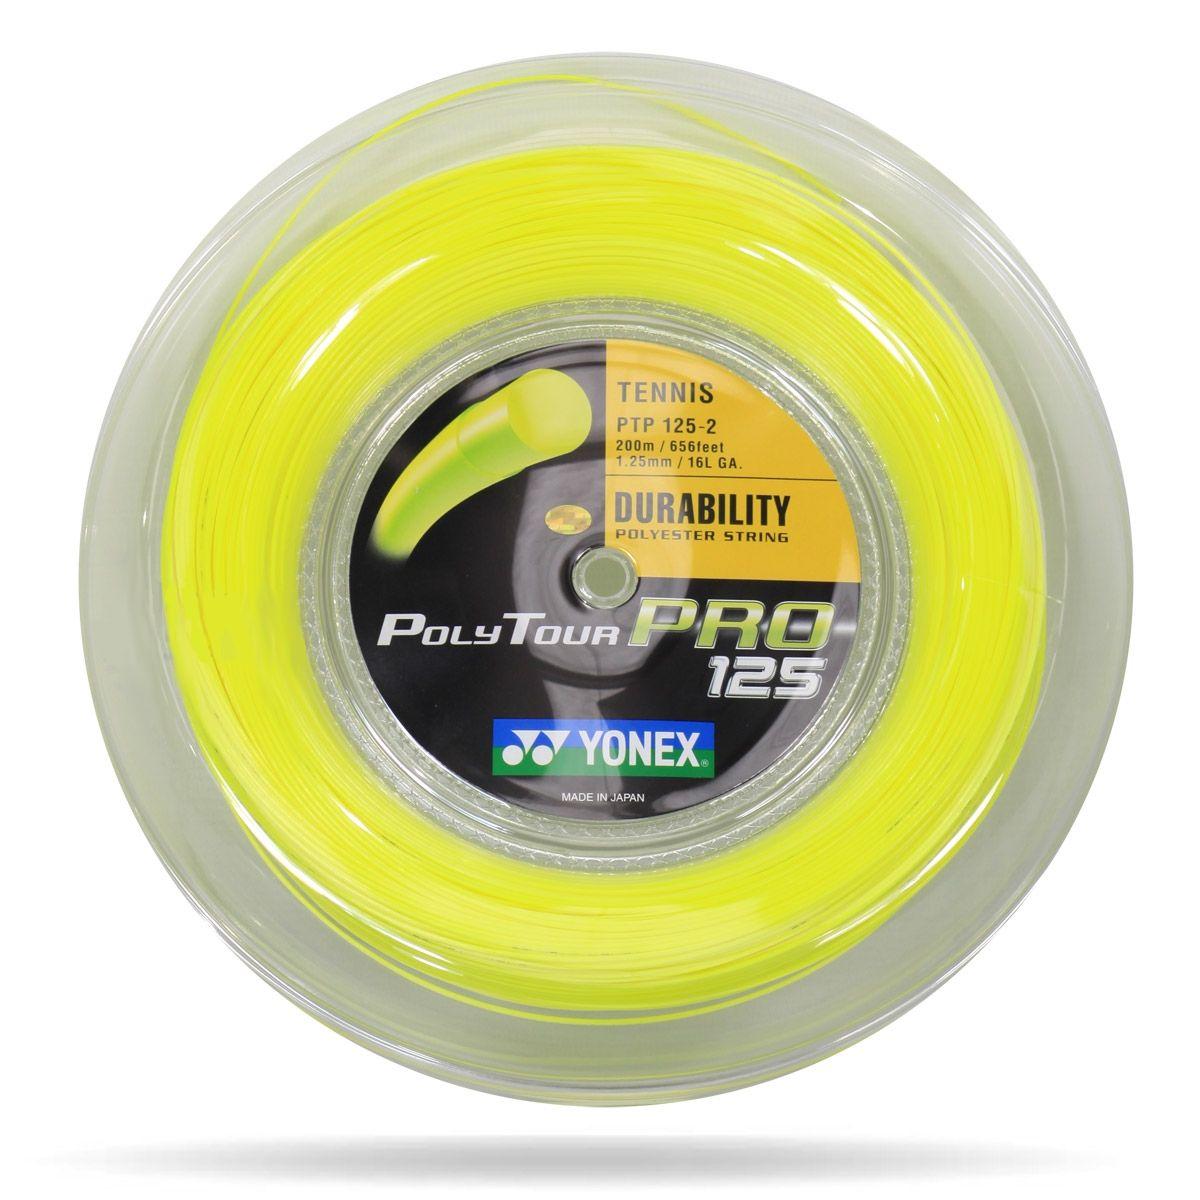 Yonex Polytour Pro 125 Tennis String 200m Reel